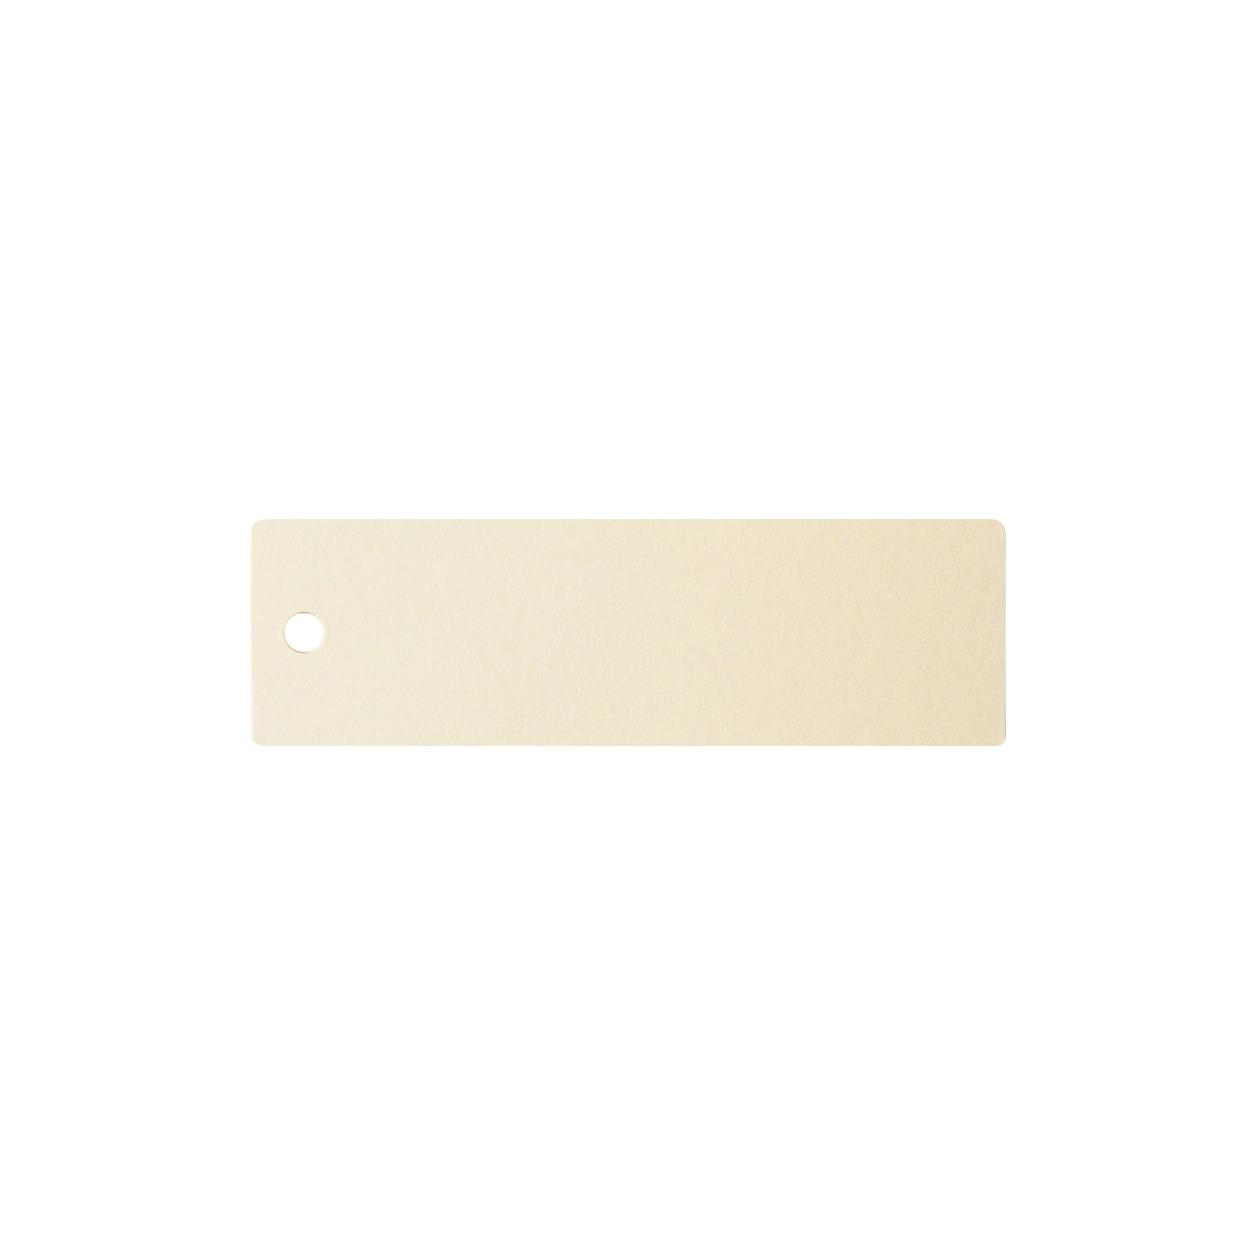 サンプル カード・シート 00058